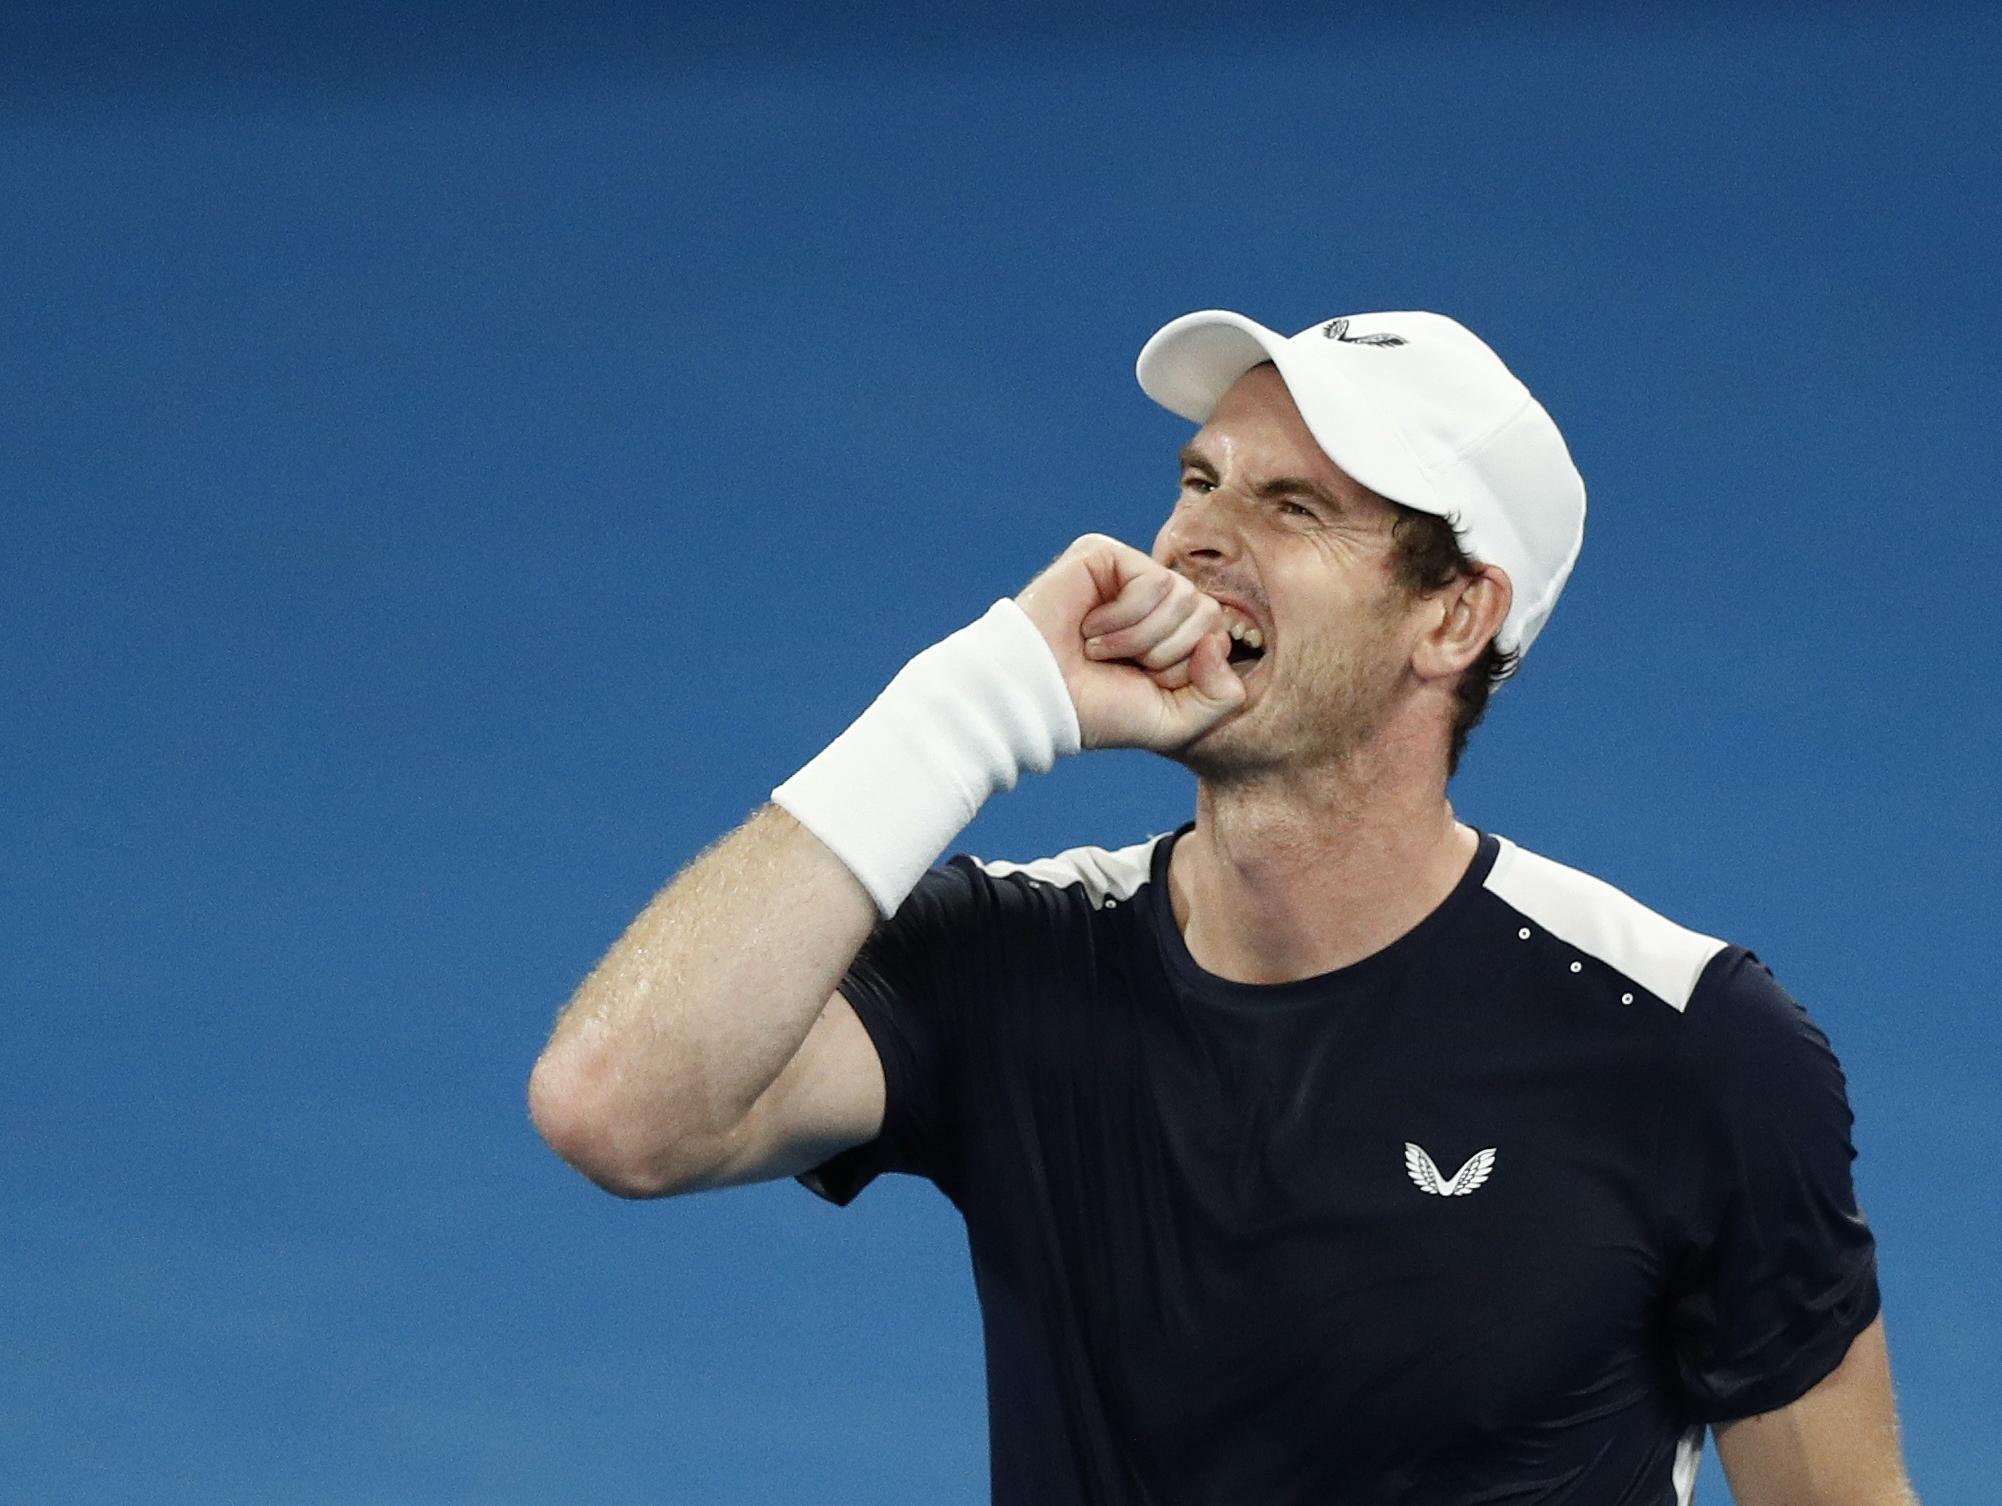 אליפות אוסטרליה: אנדי מארי נתן פייט, אבל הפסיד לבאוטיסטה אגוט